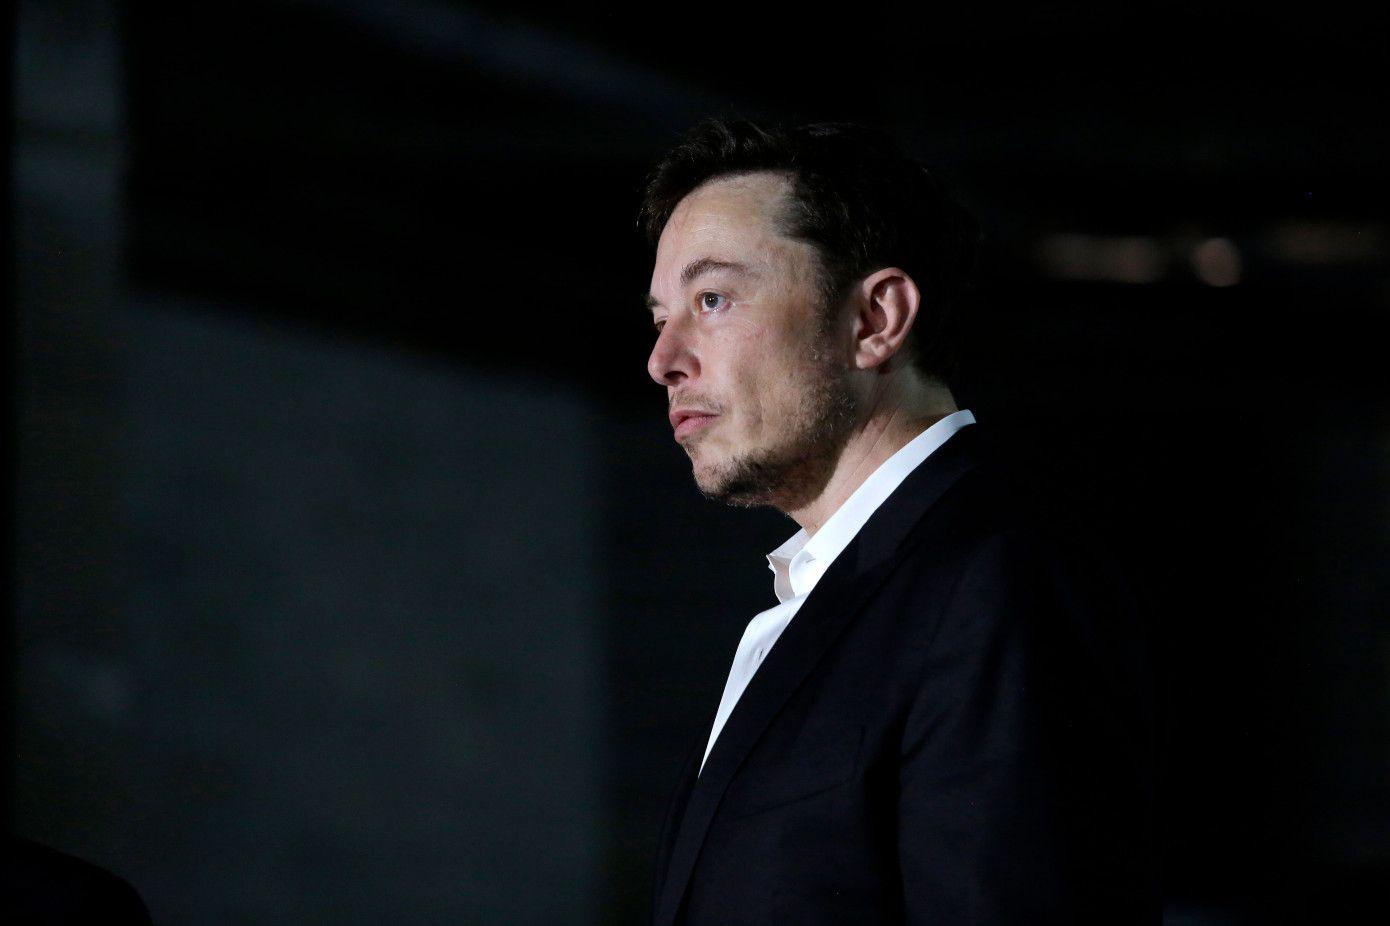 馬斯克與美證交達成協議辭任Tesla主席